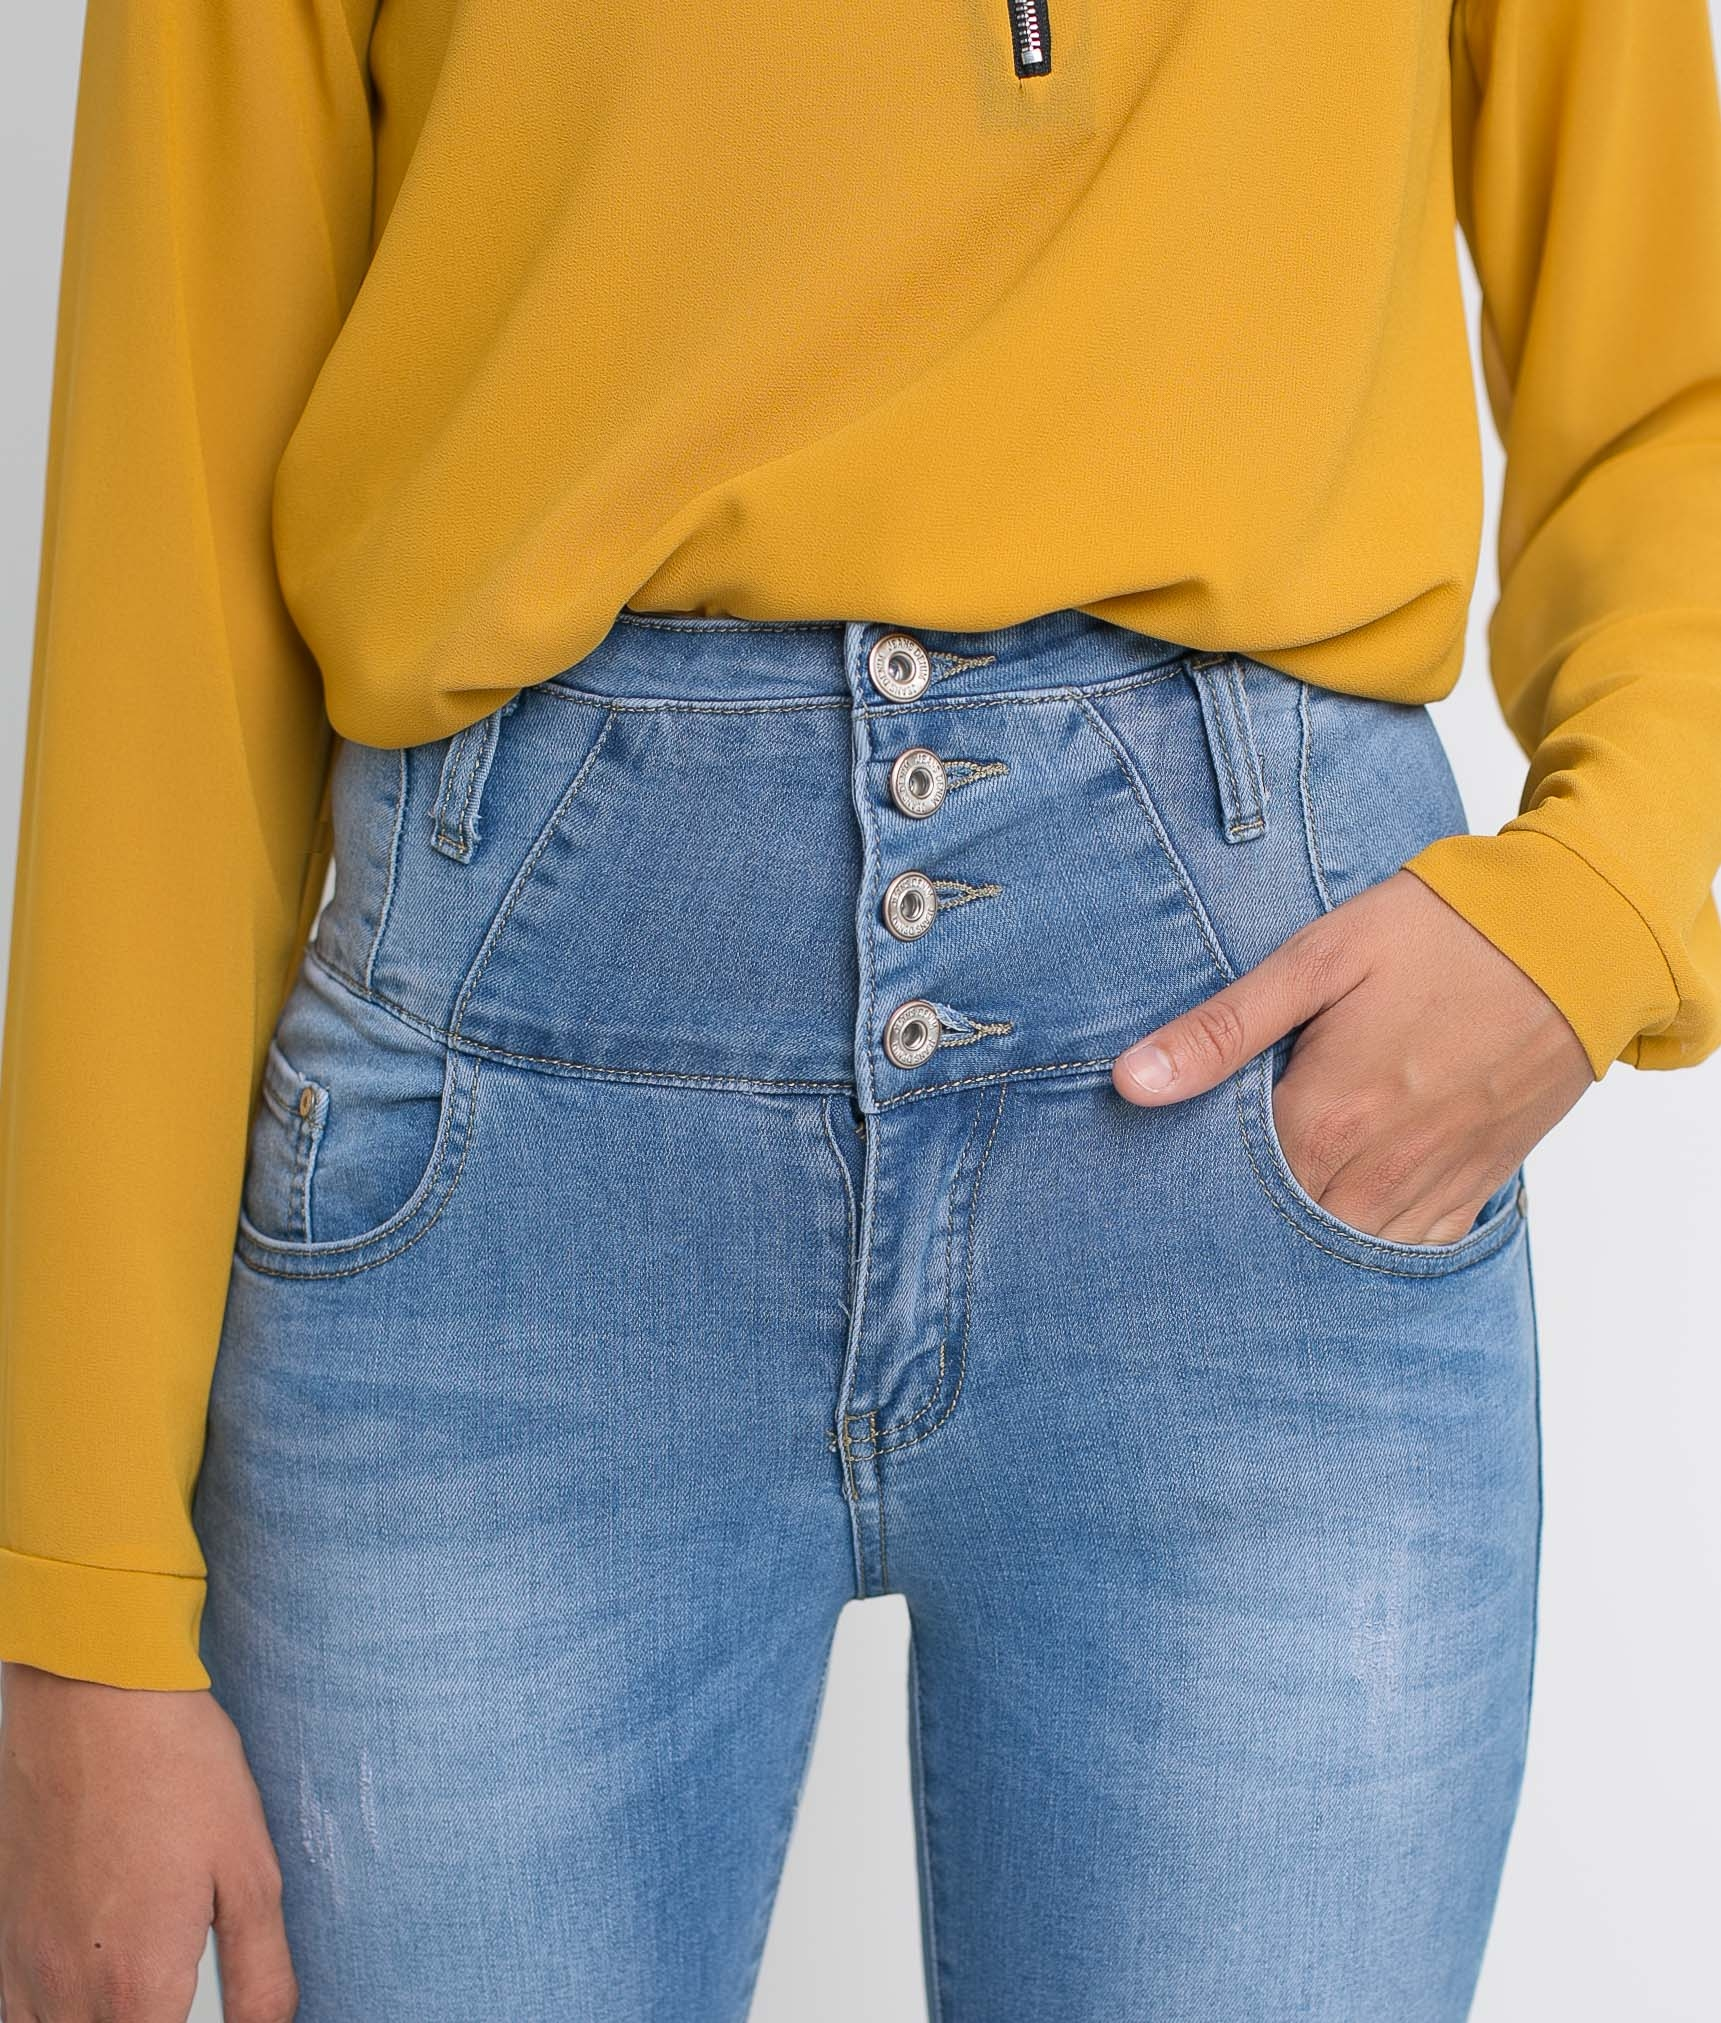 Pantaloni Temet - Denim Chiaro